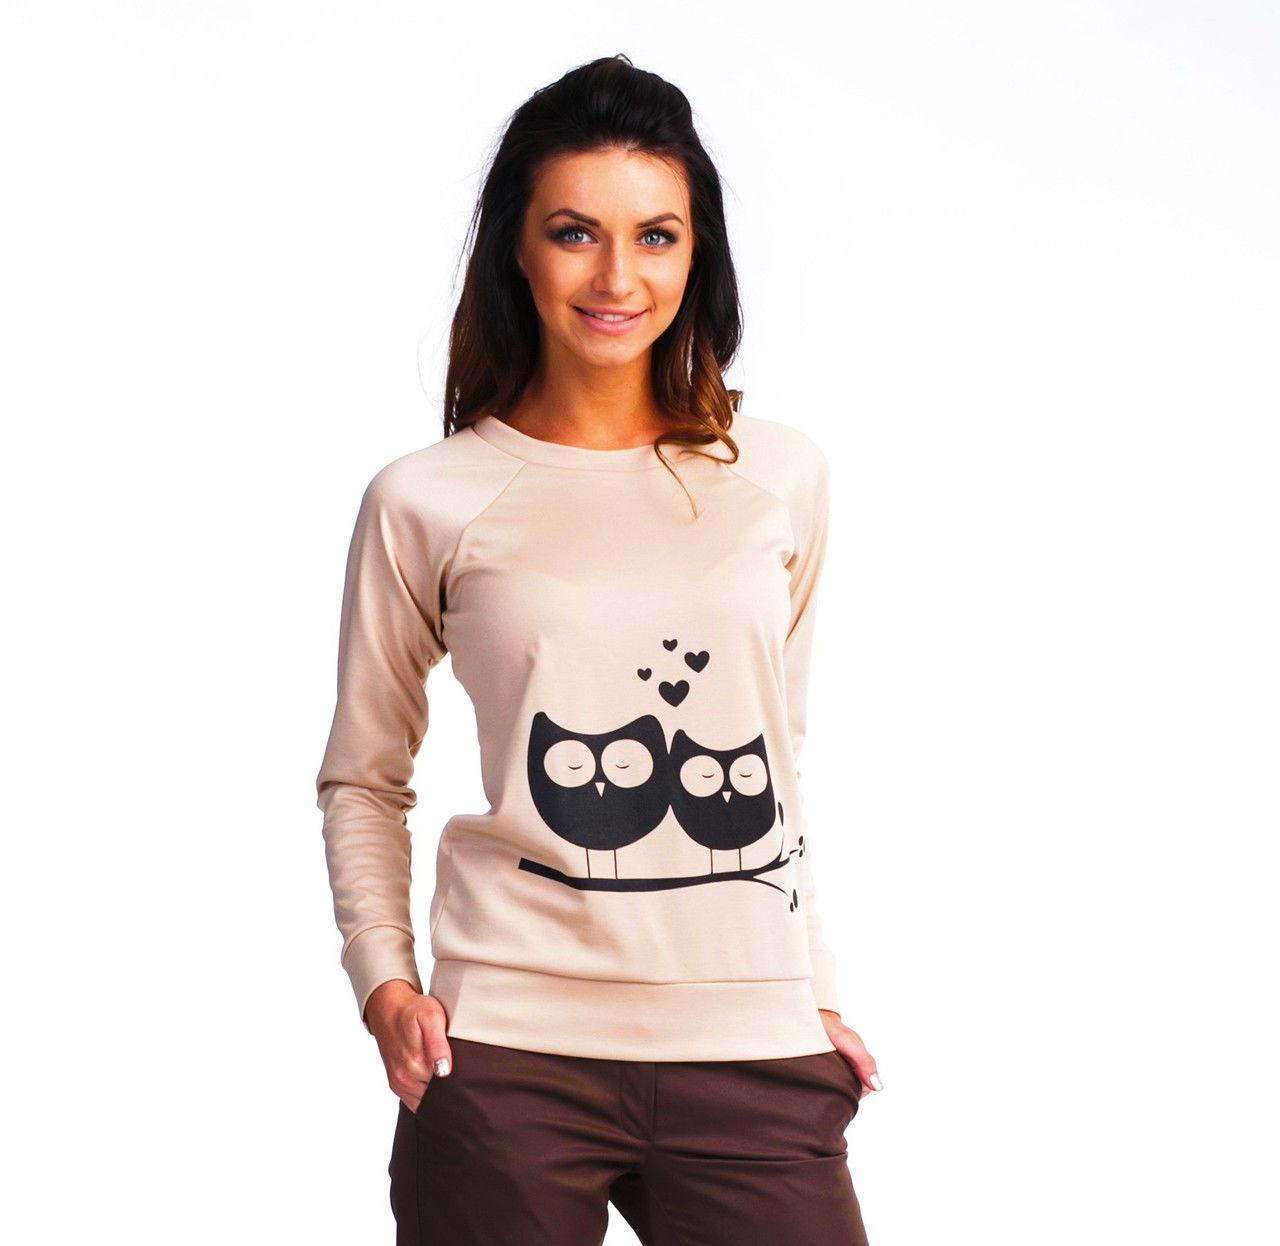 ae7dd7cf4e2 Милый молодежный свитшот в бежевом цвете с рисунком сова - Оптово-розничный  магазин одежды